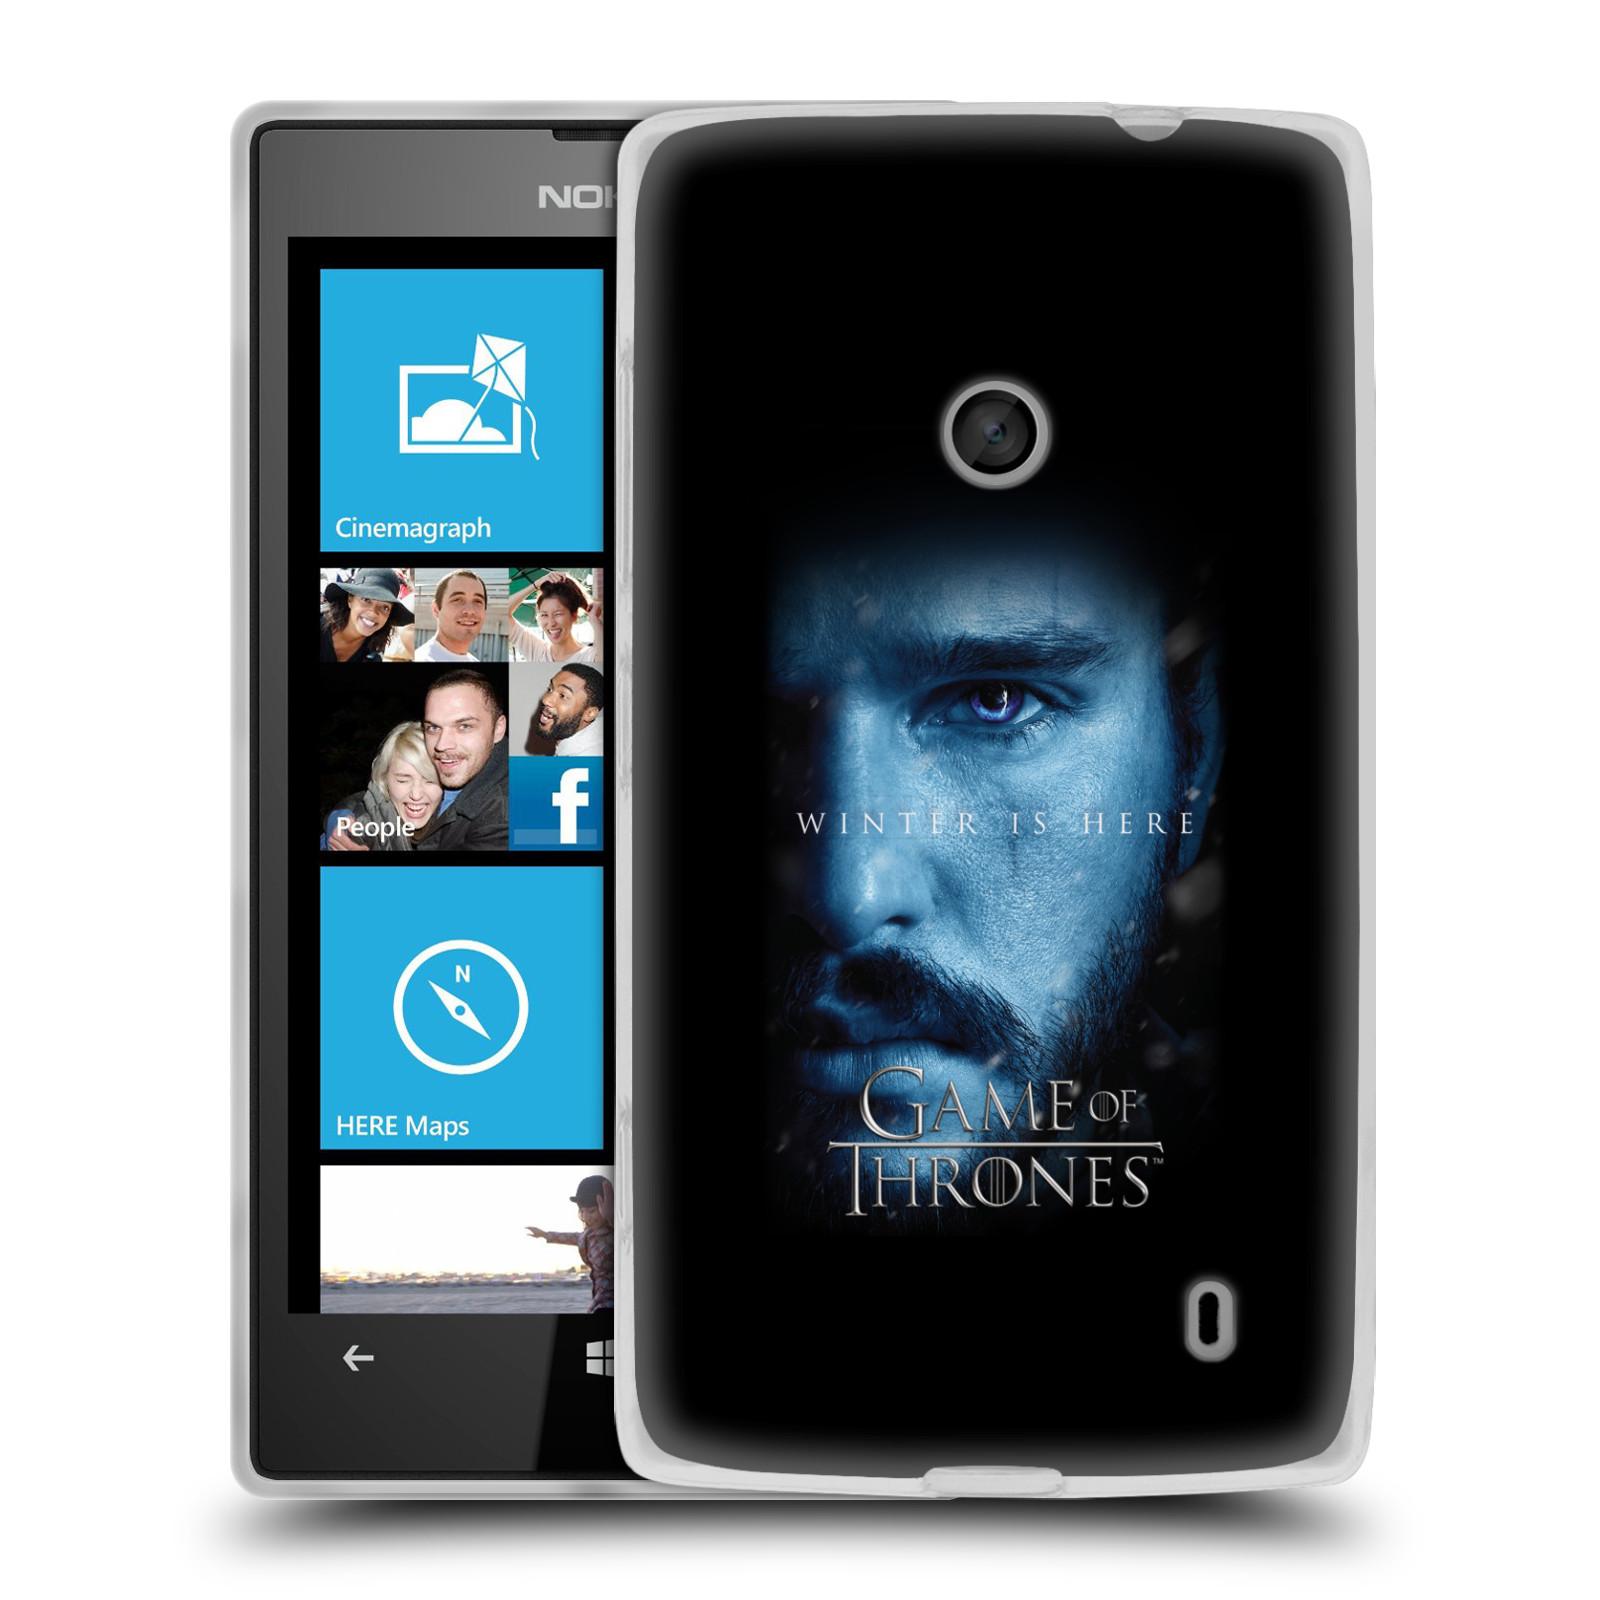 Silikonové pouzdro na mobil Nokia Lumia 520 - Head Case - Hra o trůny - Jon Snow - Winter is here (Silikonový kryt či obal na mobilní telefon s motivem Game of Thrones - Jon Snow - Winter is here - Season 7 pro Nokia Lumia 520)